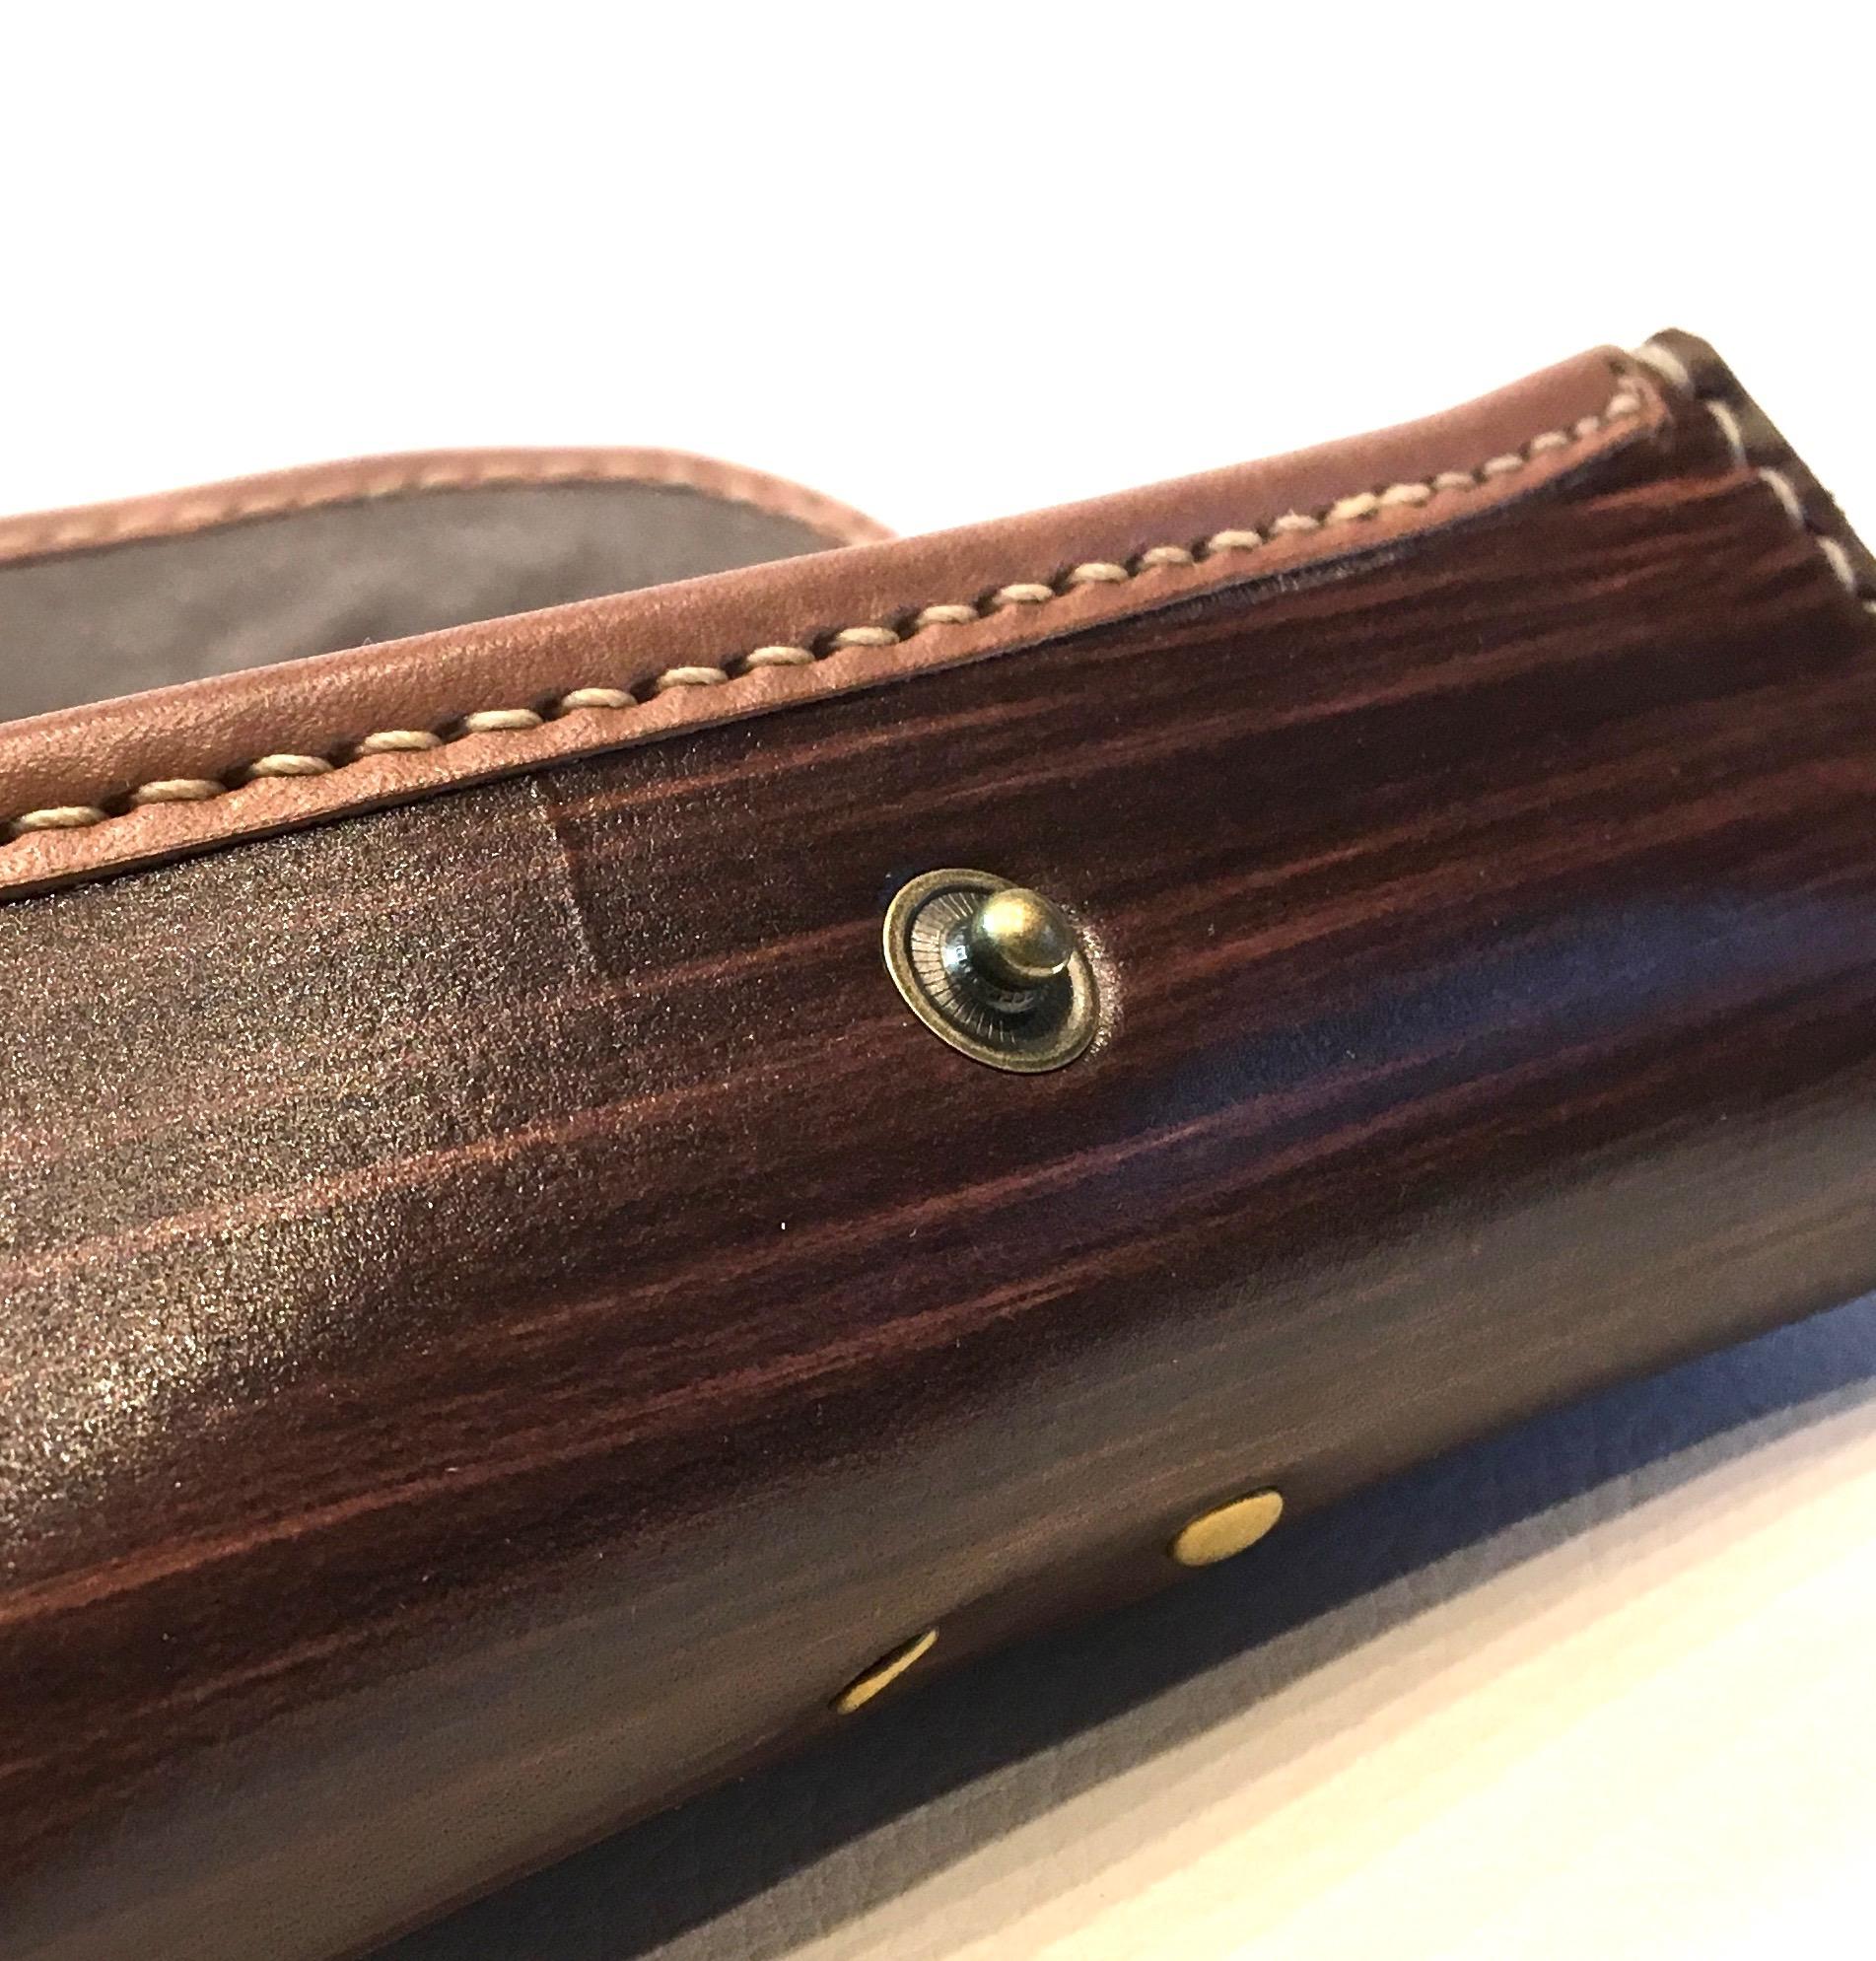 敬老の日ギフトにも最適! 贅沢な本革製のケース